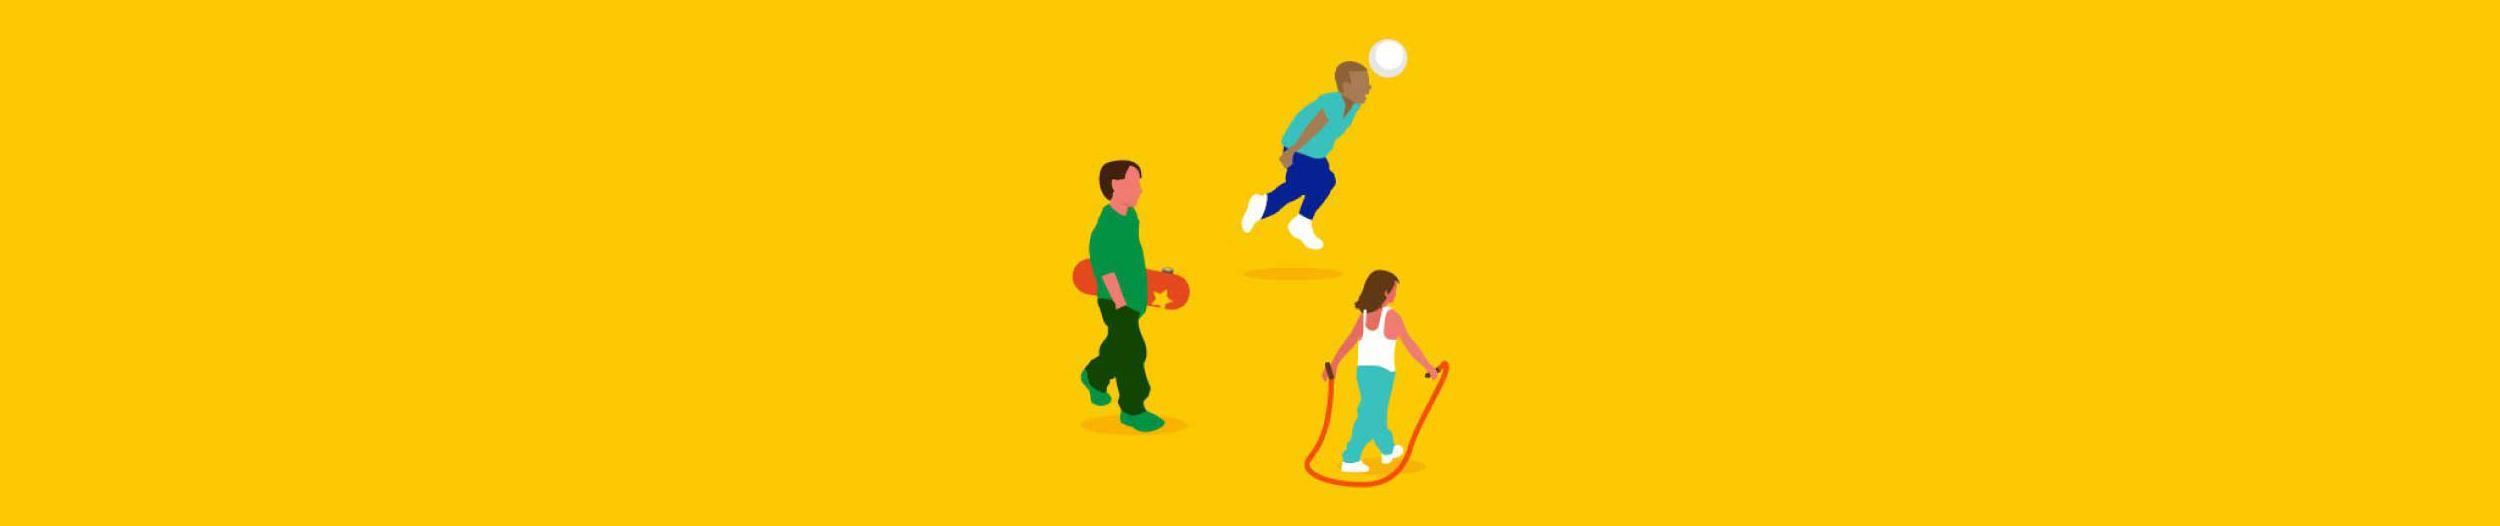 Le niveau d'activité physique ou sportive des Français : résultats 2016 et bilan de 5 ans d'étude